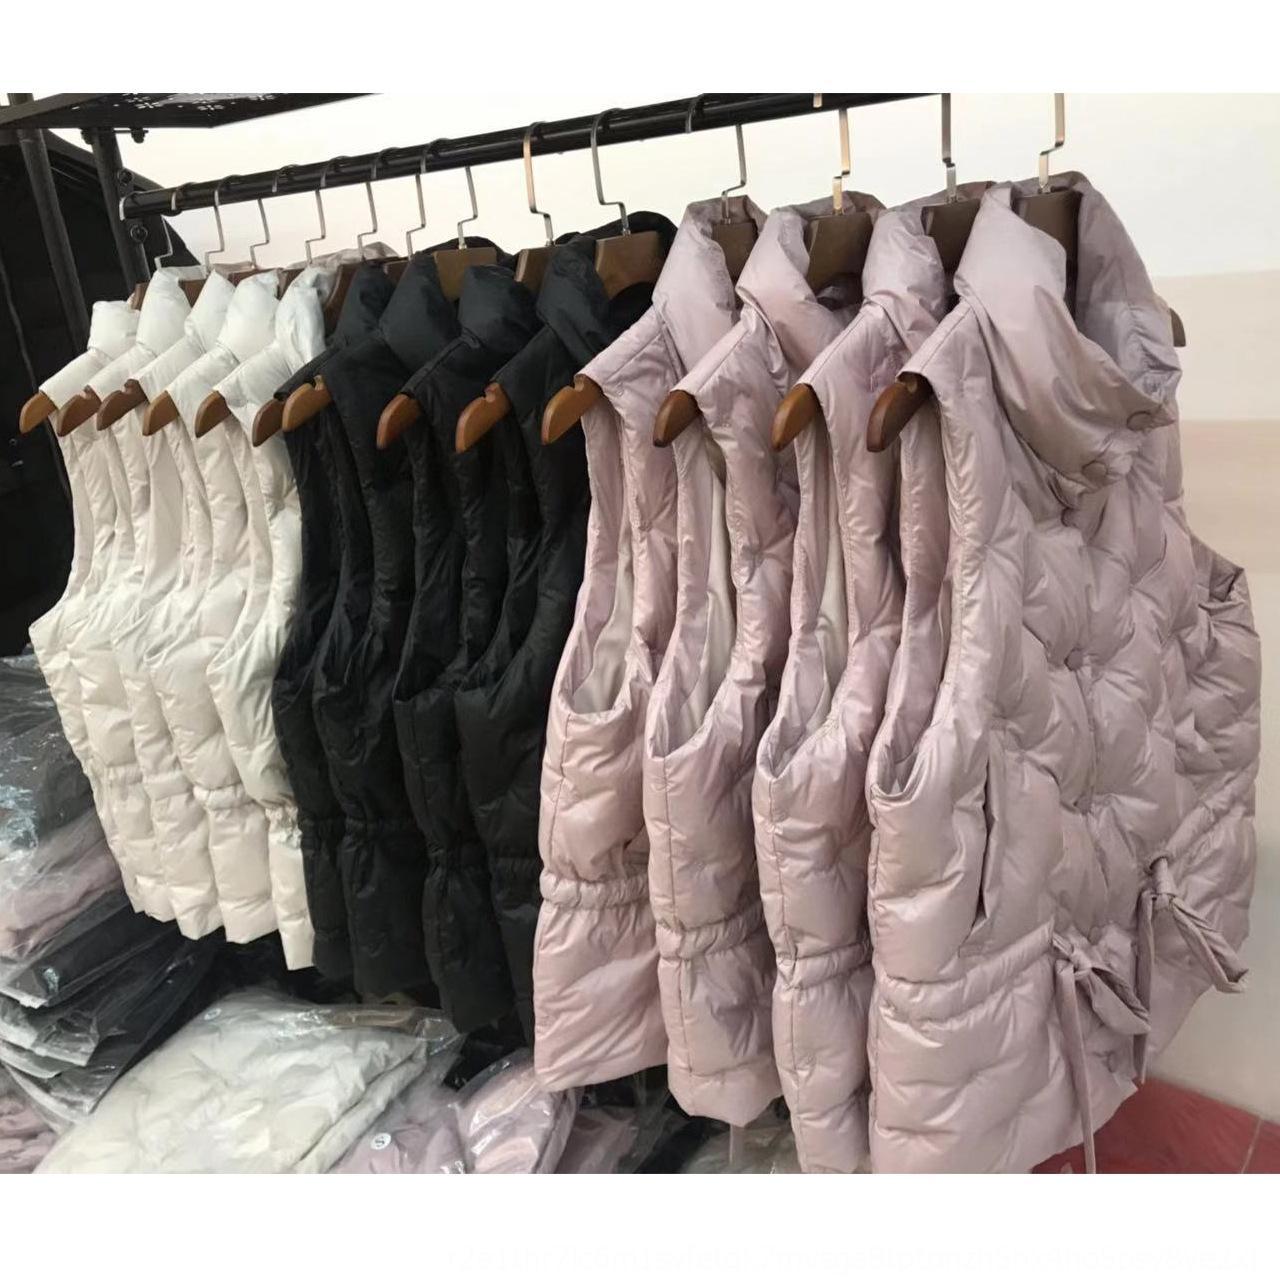 2019 Nuevo collar del soporte de cercanías OL desgaste externo de las mujeres capa bordada por la chaqueta chaqueta abajo chaleco chaleco de ajuste slim